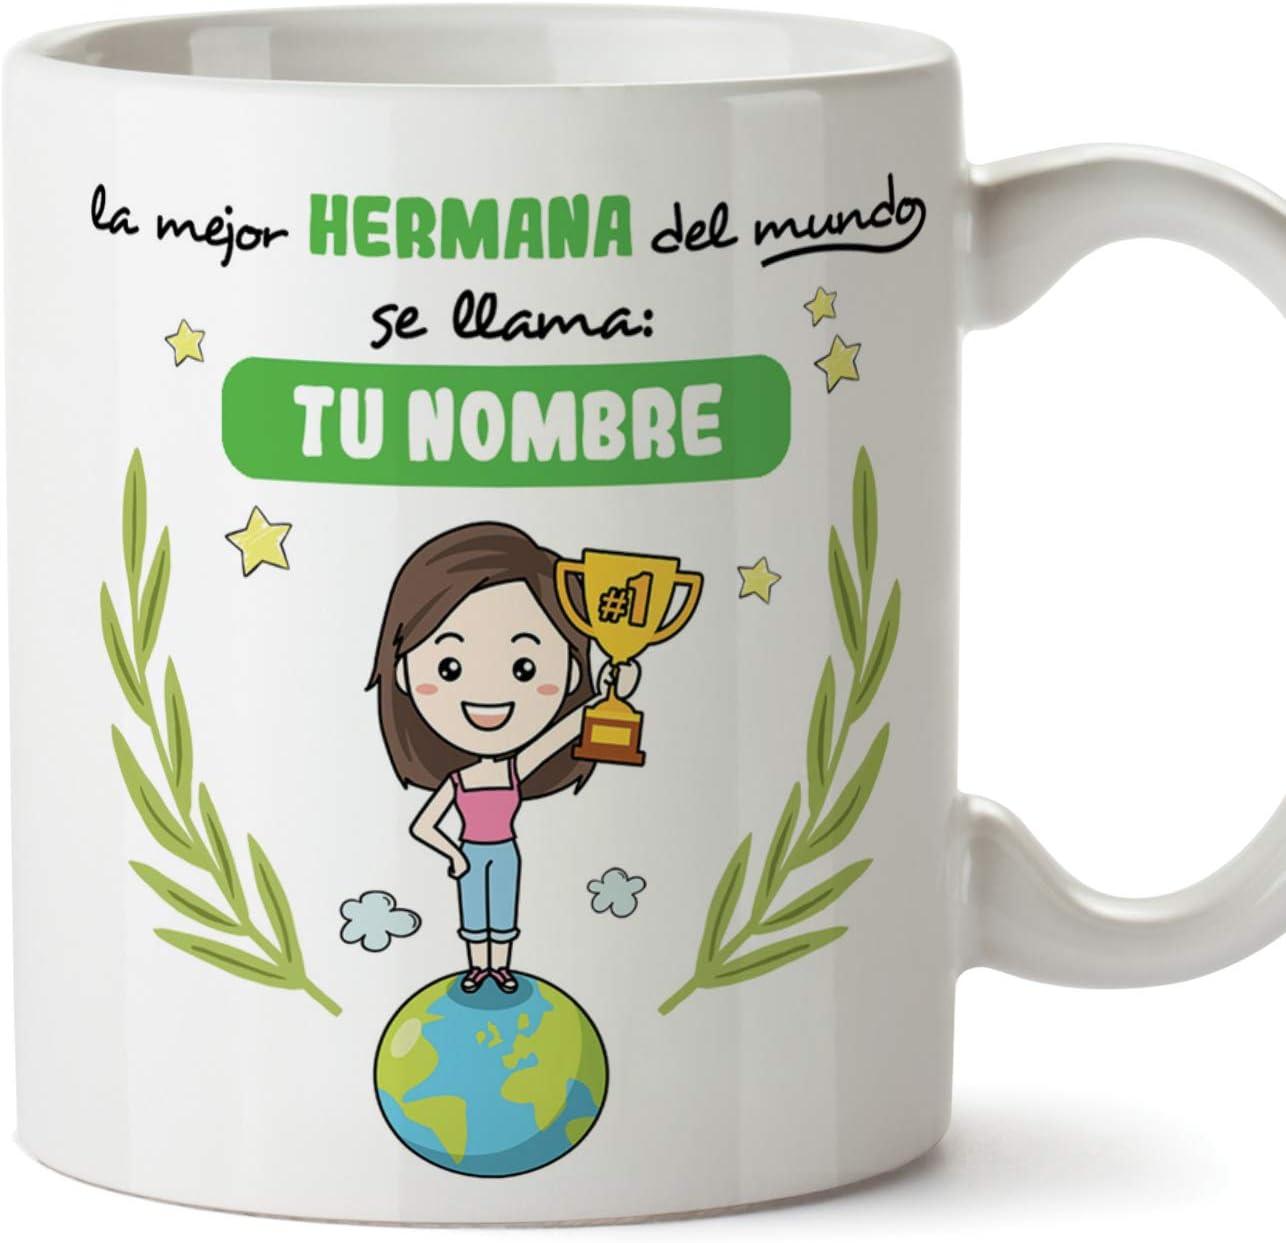 MUGFFINS Taza Hermana (Personalizable con Nombre) - La Mejor Hermana del Mundo - Taza Desayuno Personalizada/Idea Regalo Cumpleaños para Hermanitas. Cerámica 350 mL